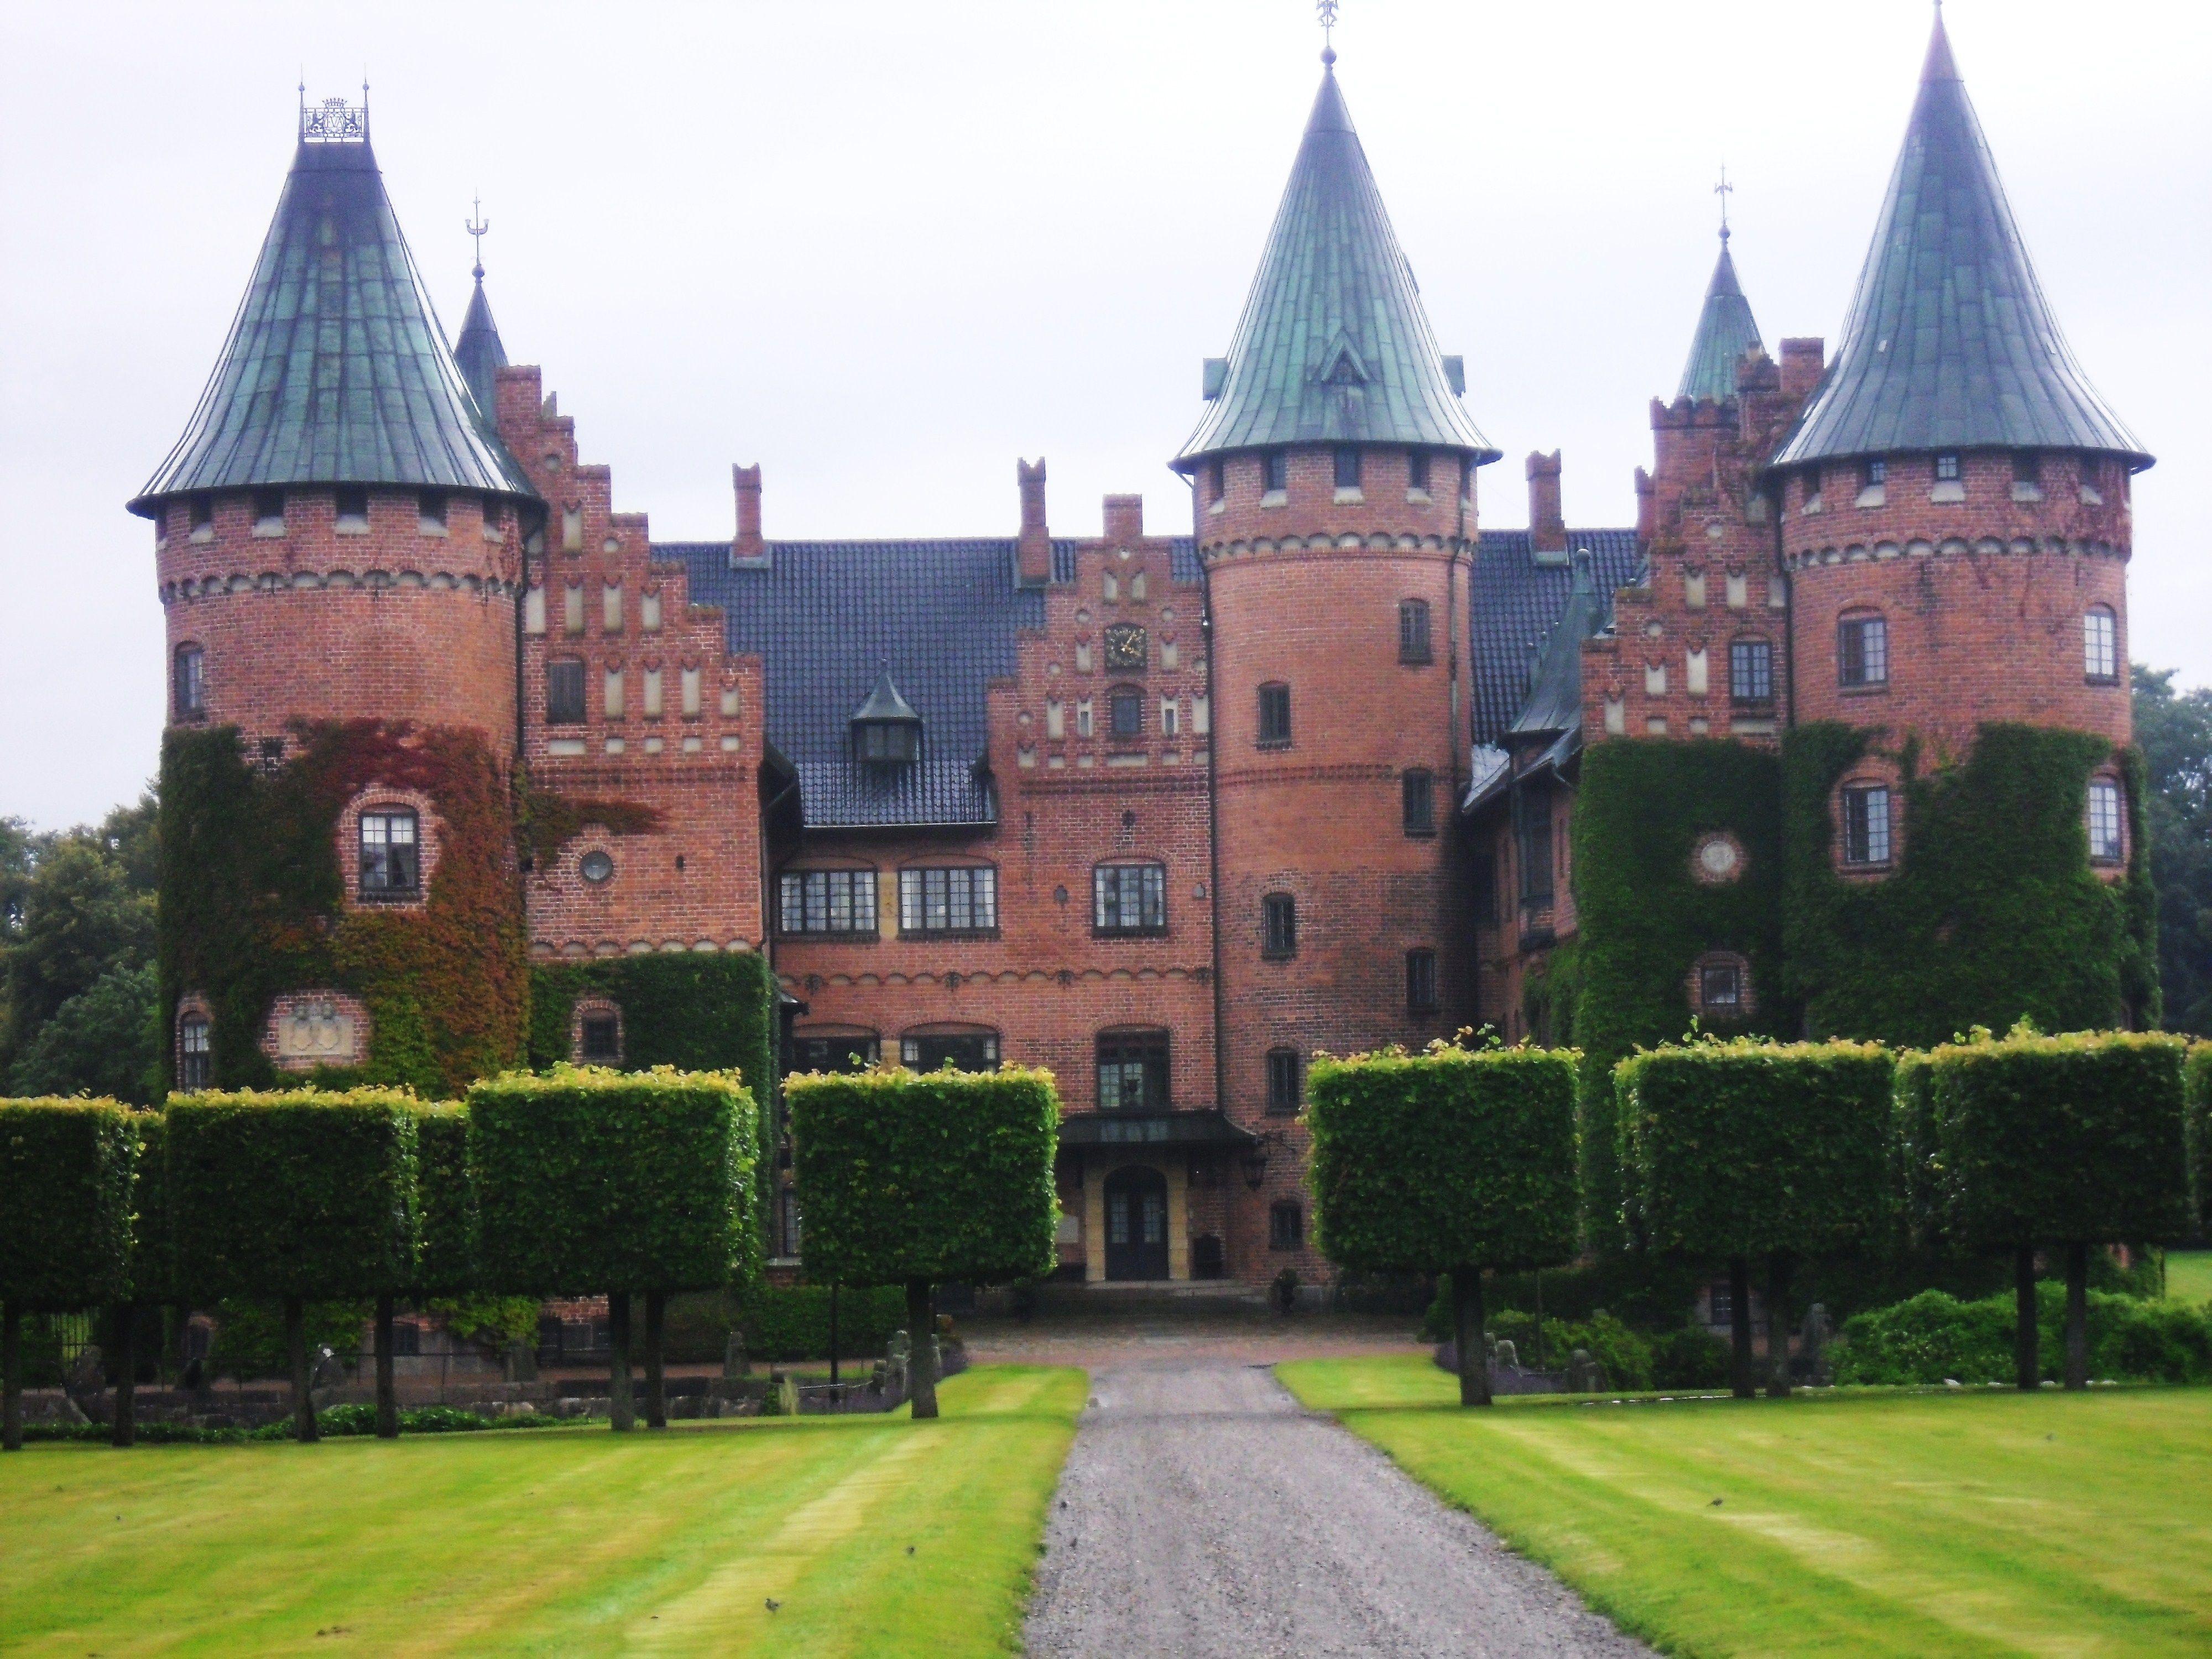 trolleholm slott, Sweden